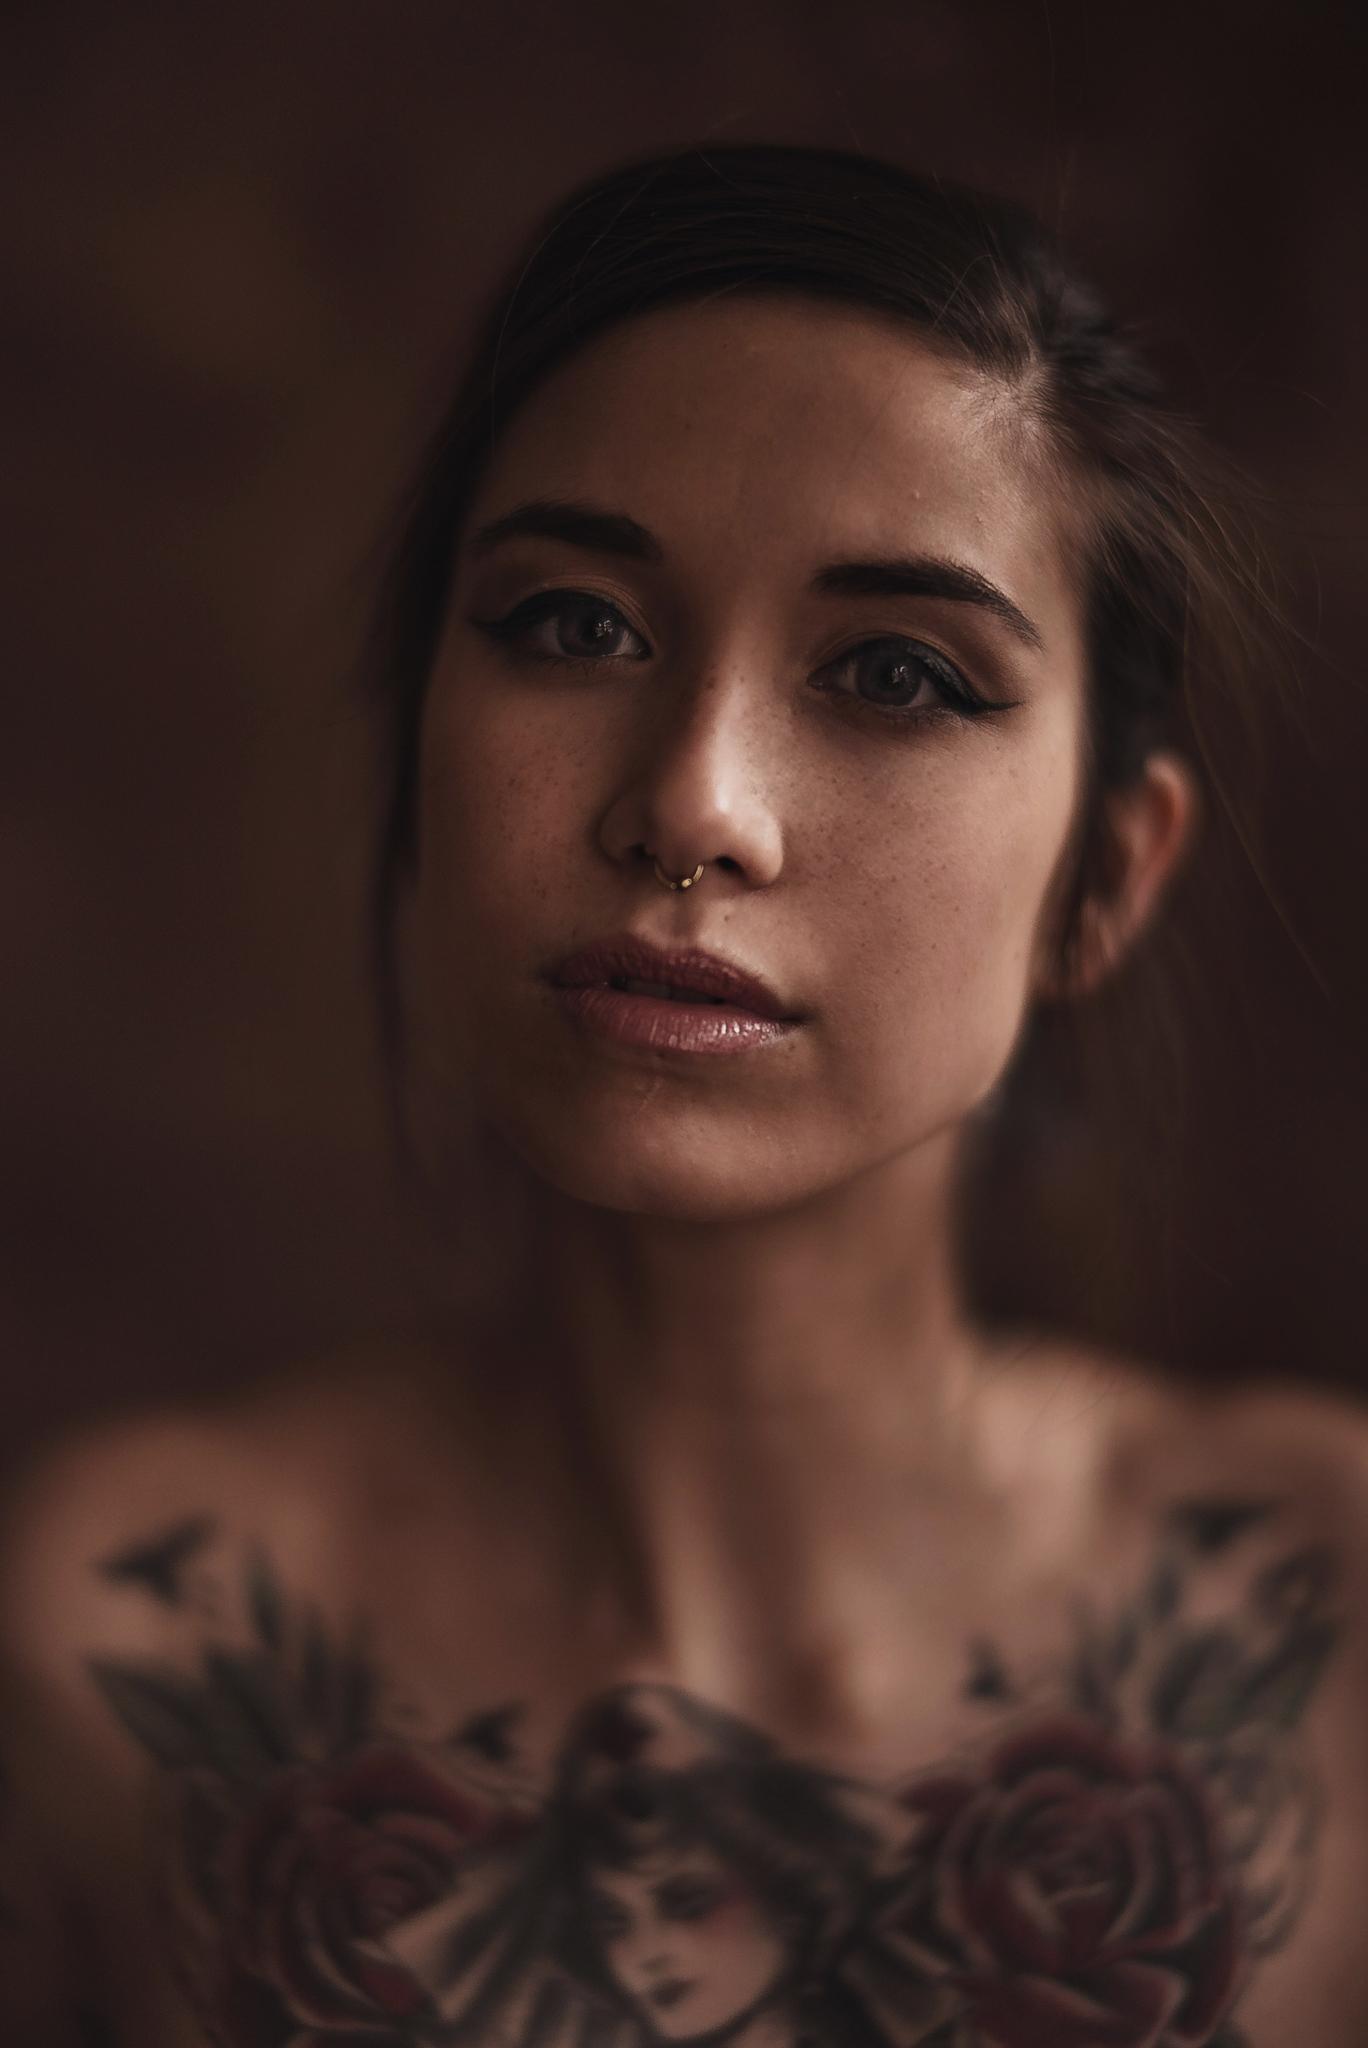 Sinnliche Aufnahme einer schönen Frau